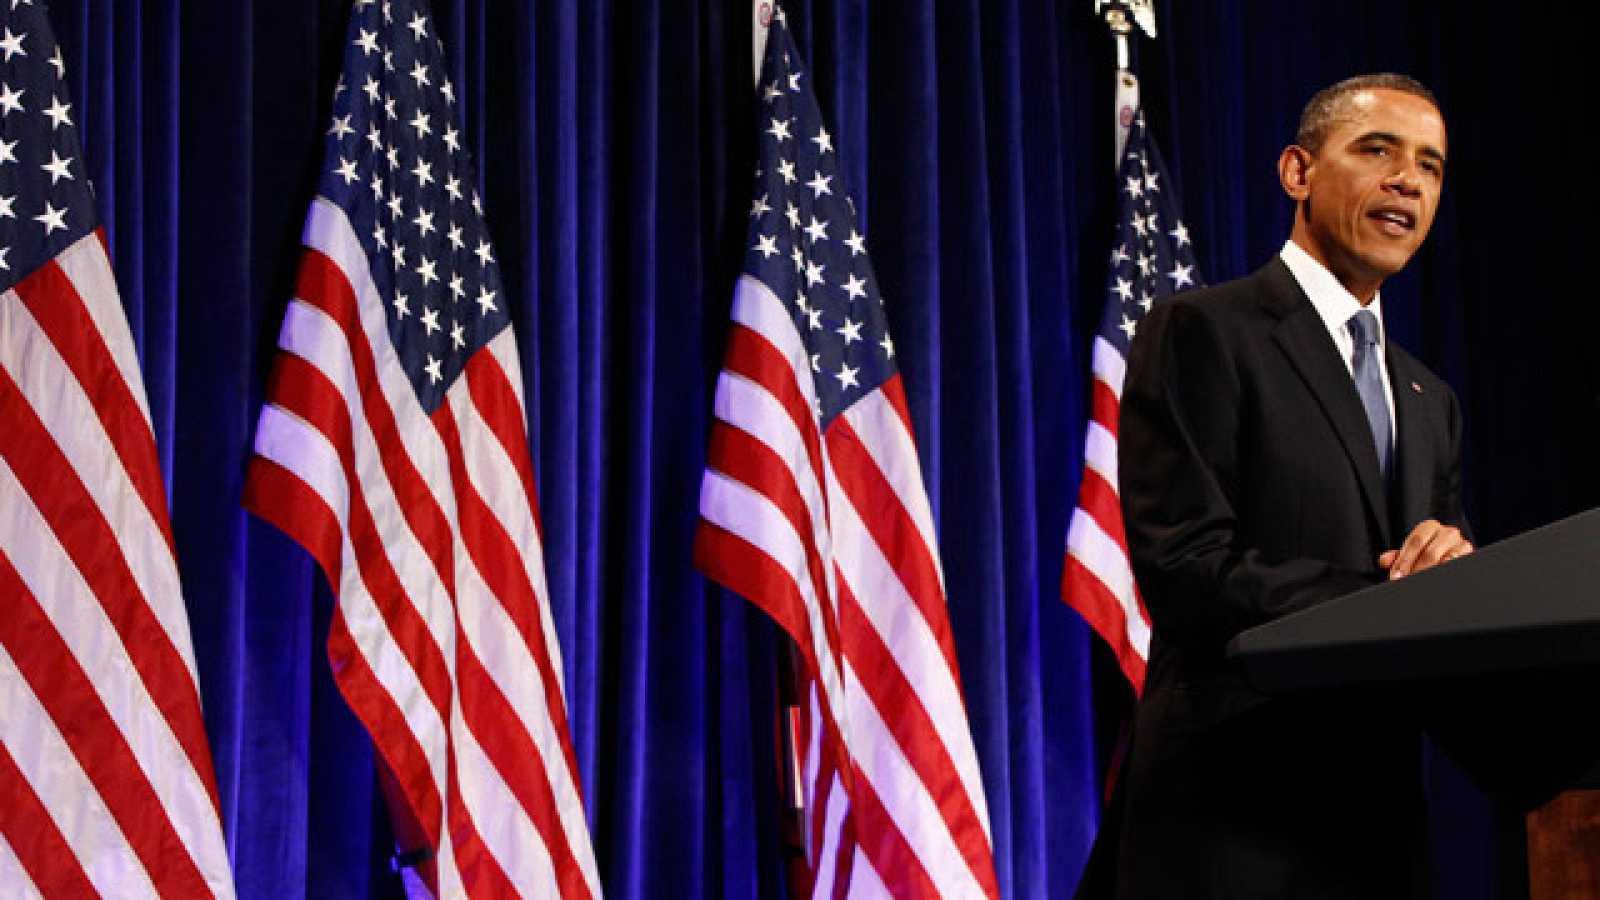 """Barack Obama habla de un acuerdo entre israelíes y palestinos """"basado"""" en las fronteras de 1967 pero con concesiones de paz por territorios"""